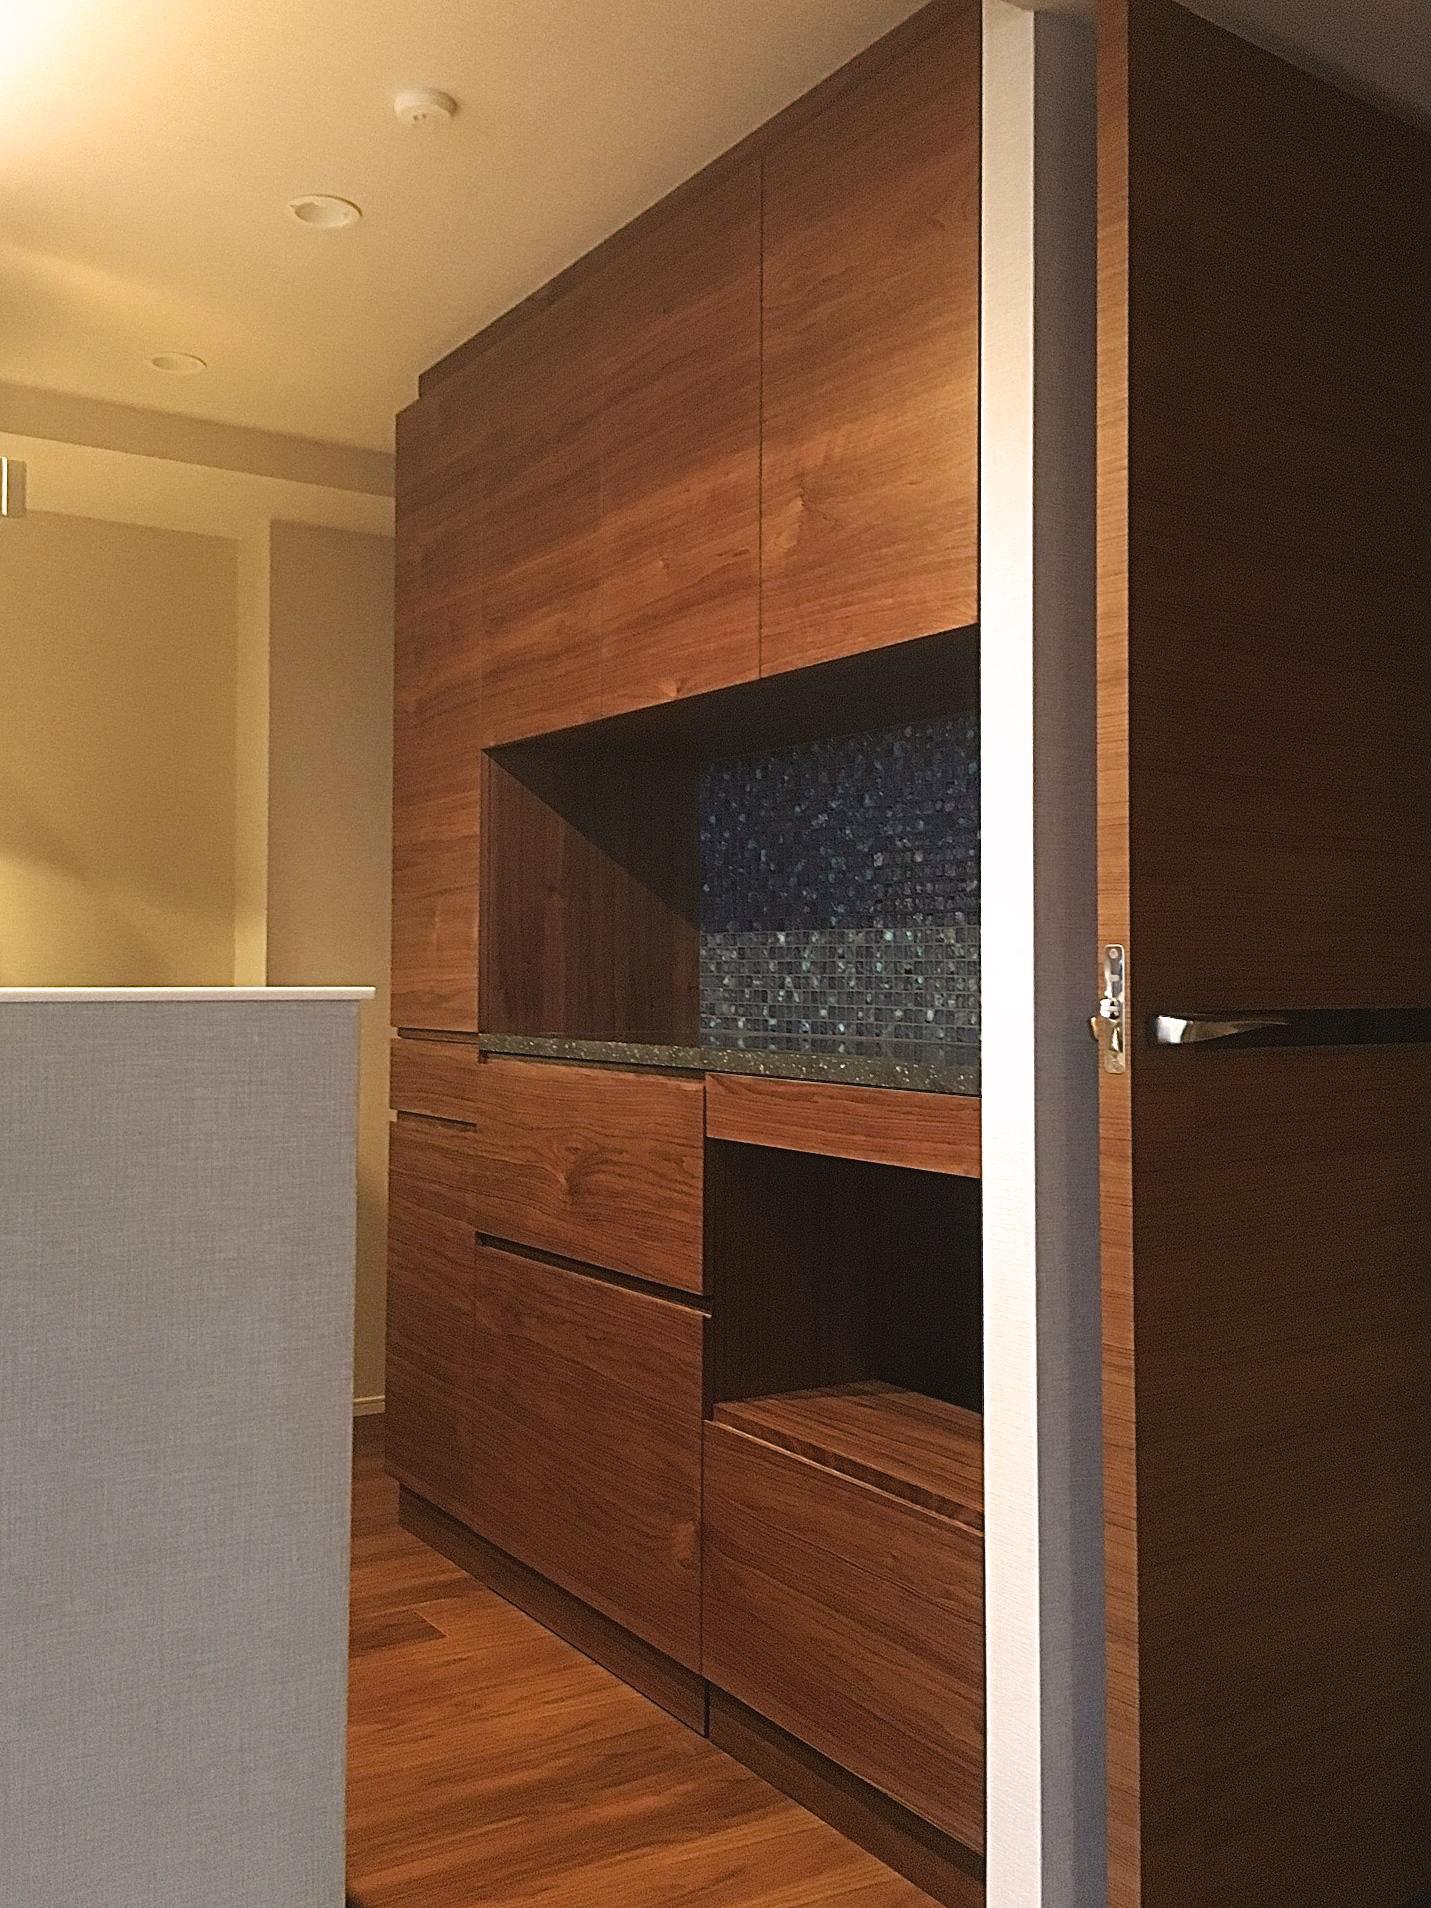 ウォールナット 食器棚 walden オーダー家具